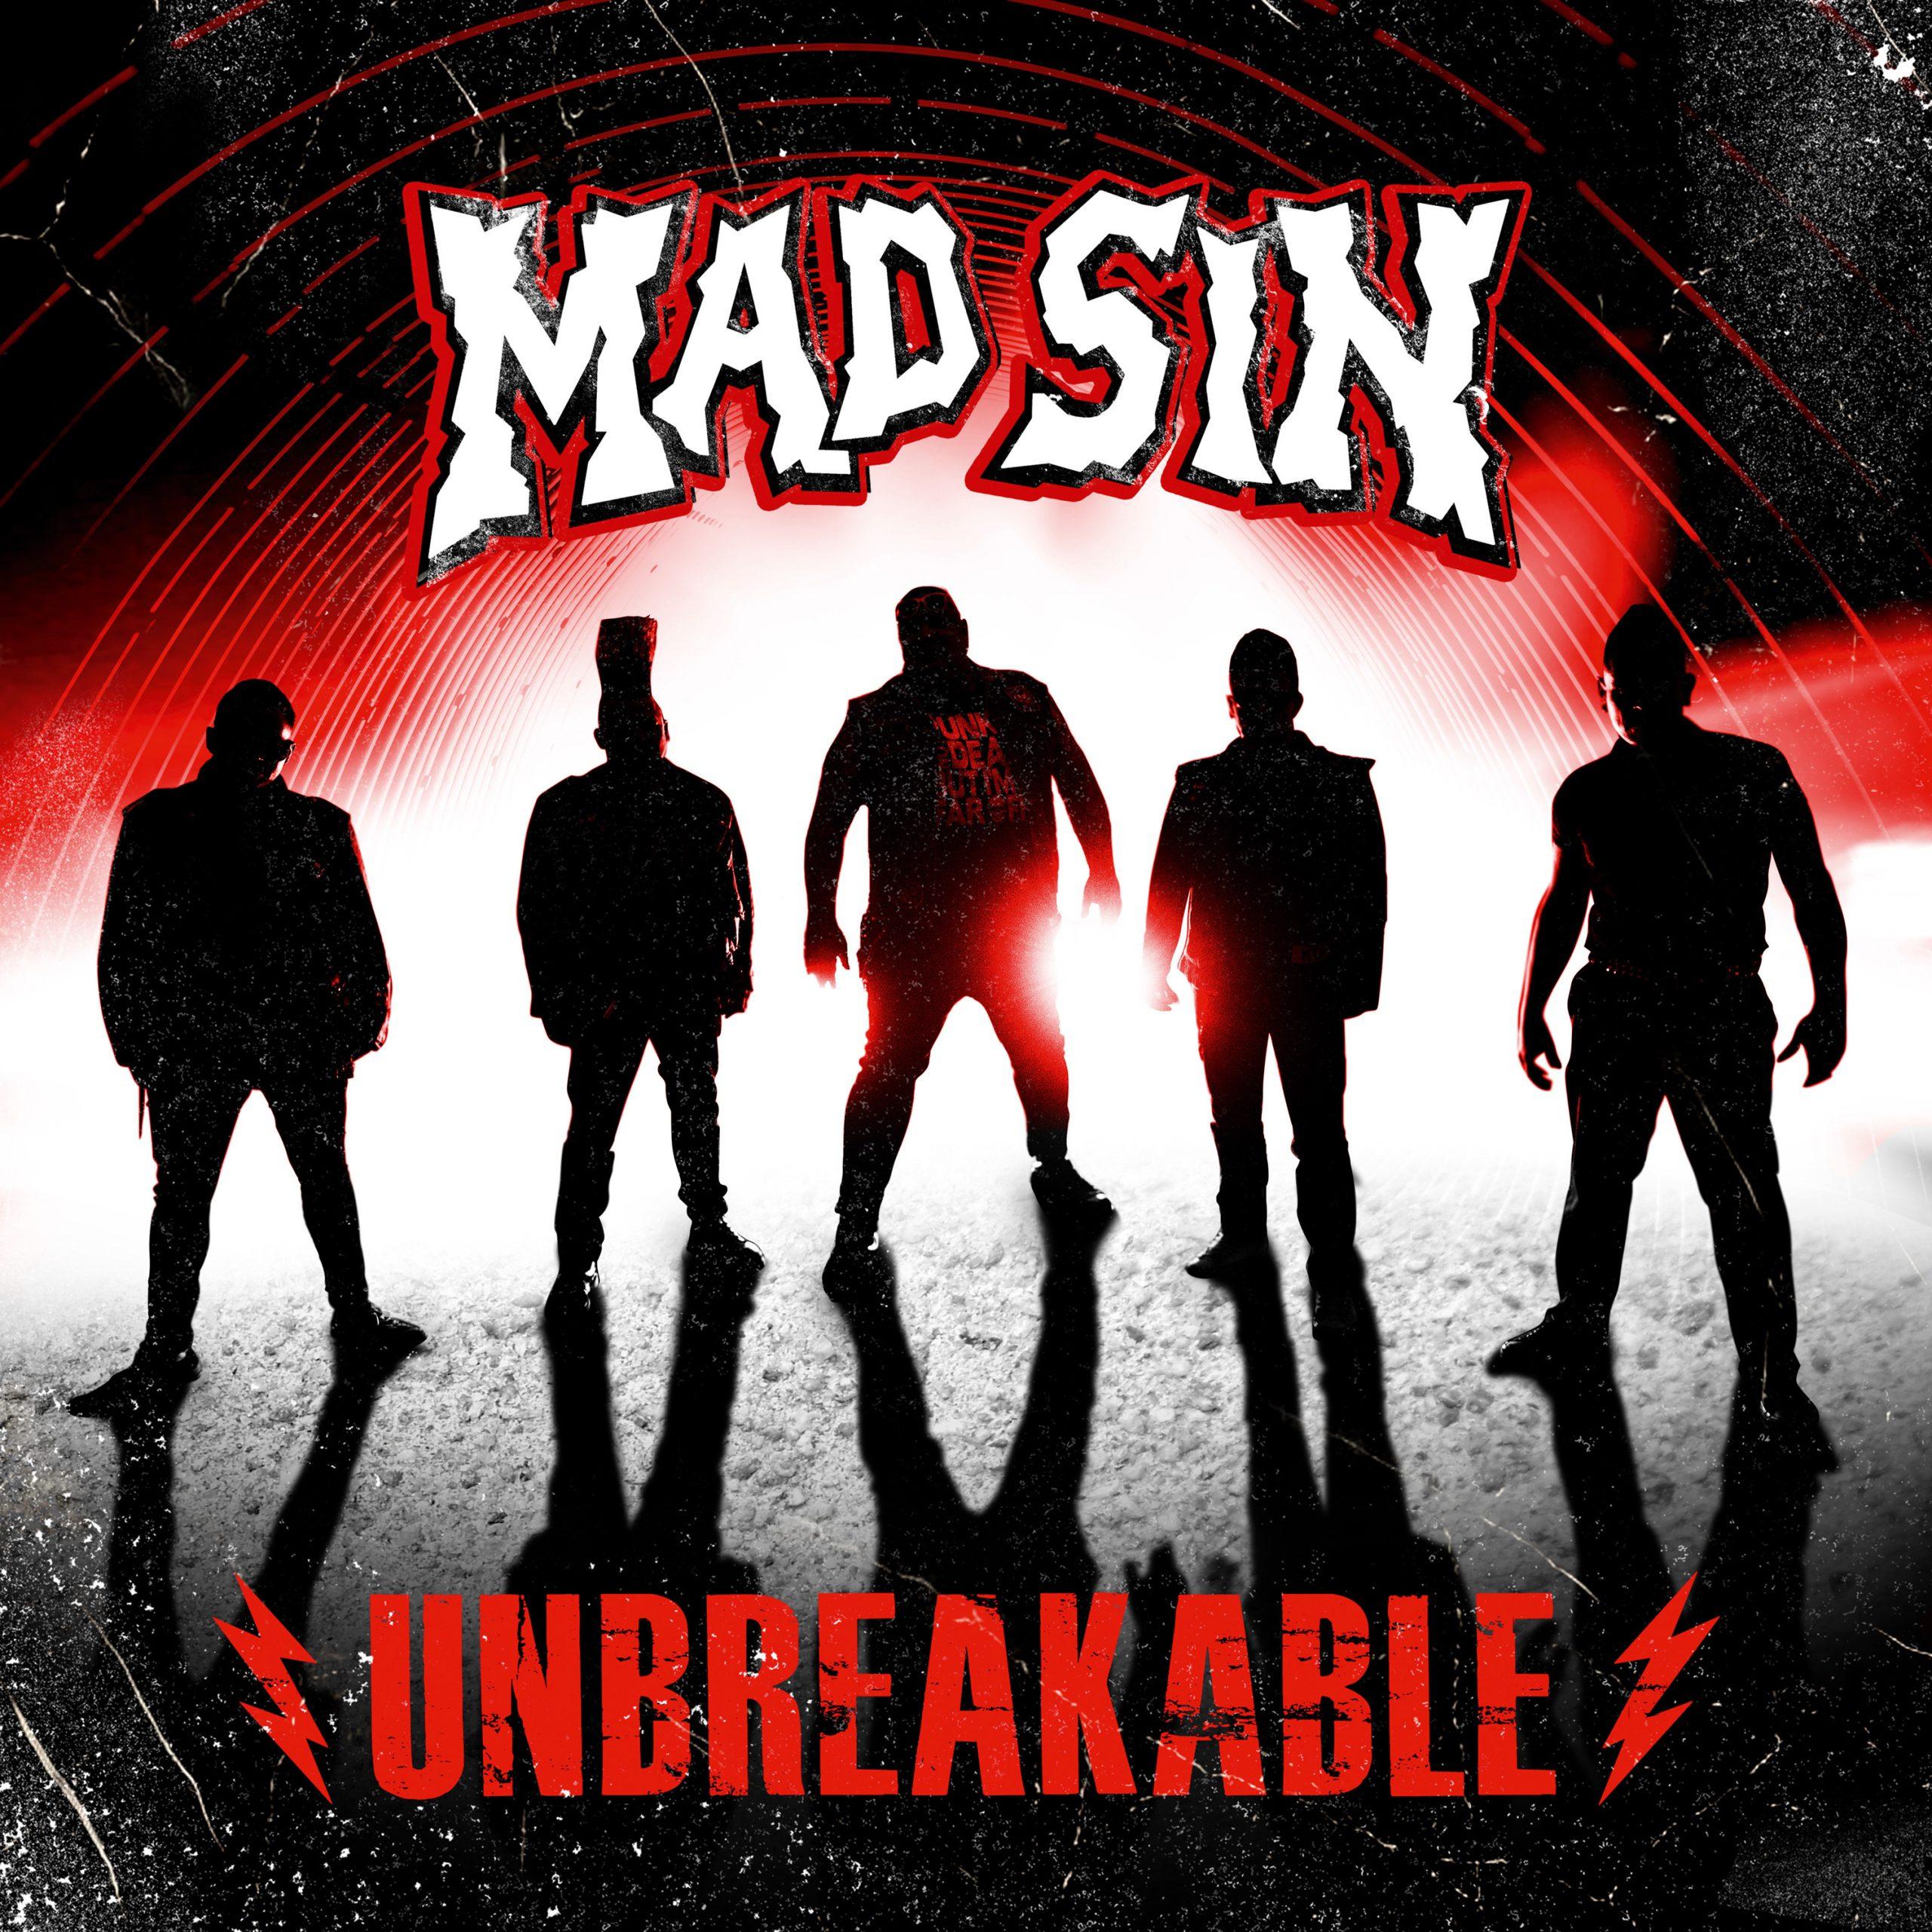 mad-sin-unbreakable-voe-11-09-2020-kurz-review